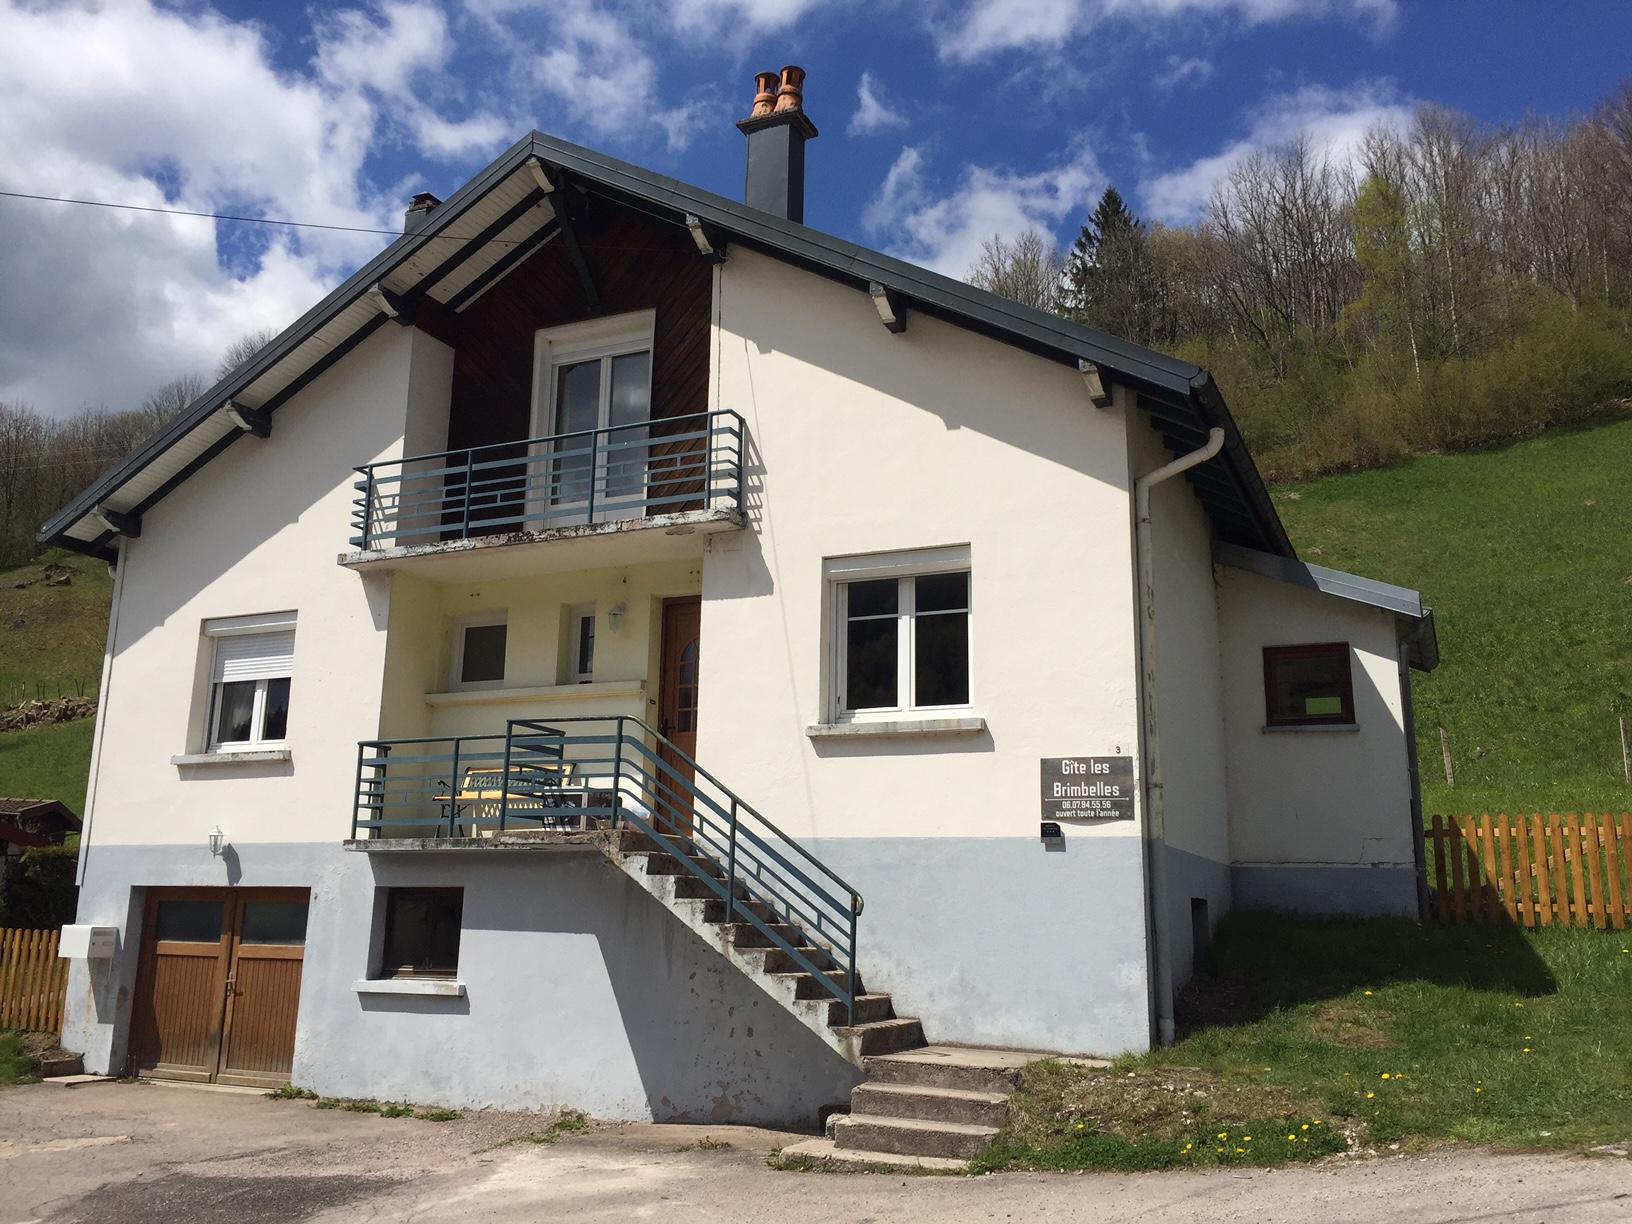 Location vacances maison 10 personnes 140m les brimbelles for Classement constructeur maison individuelle